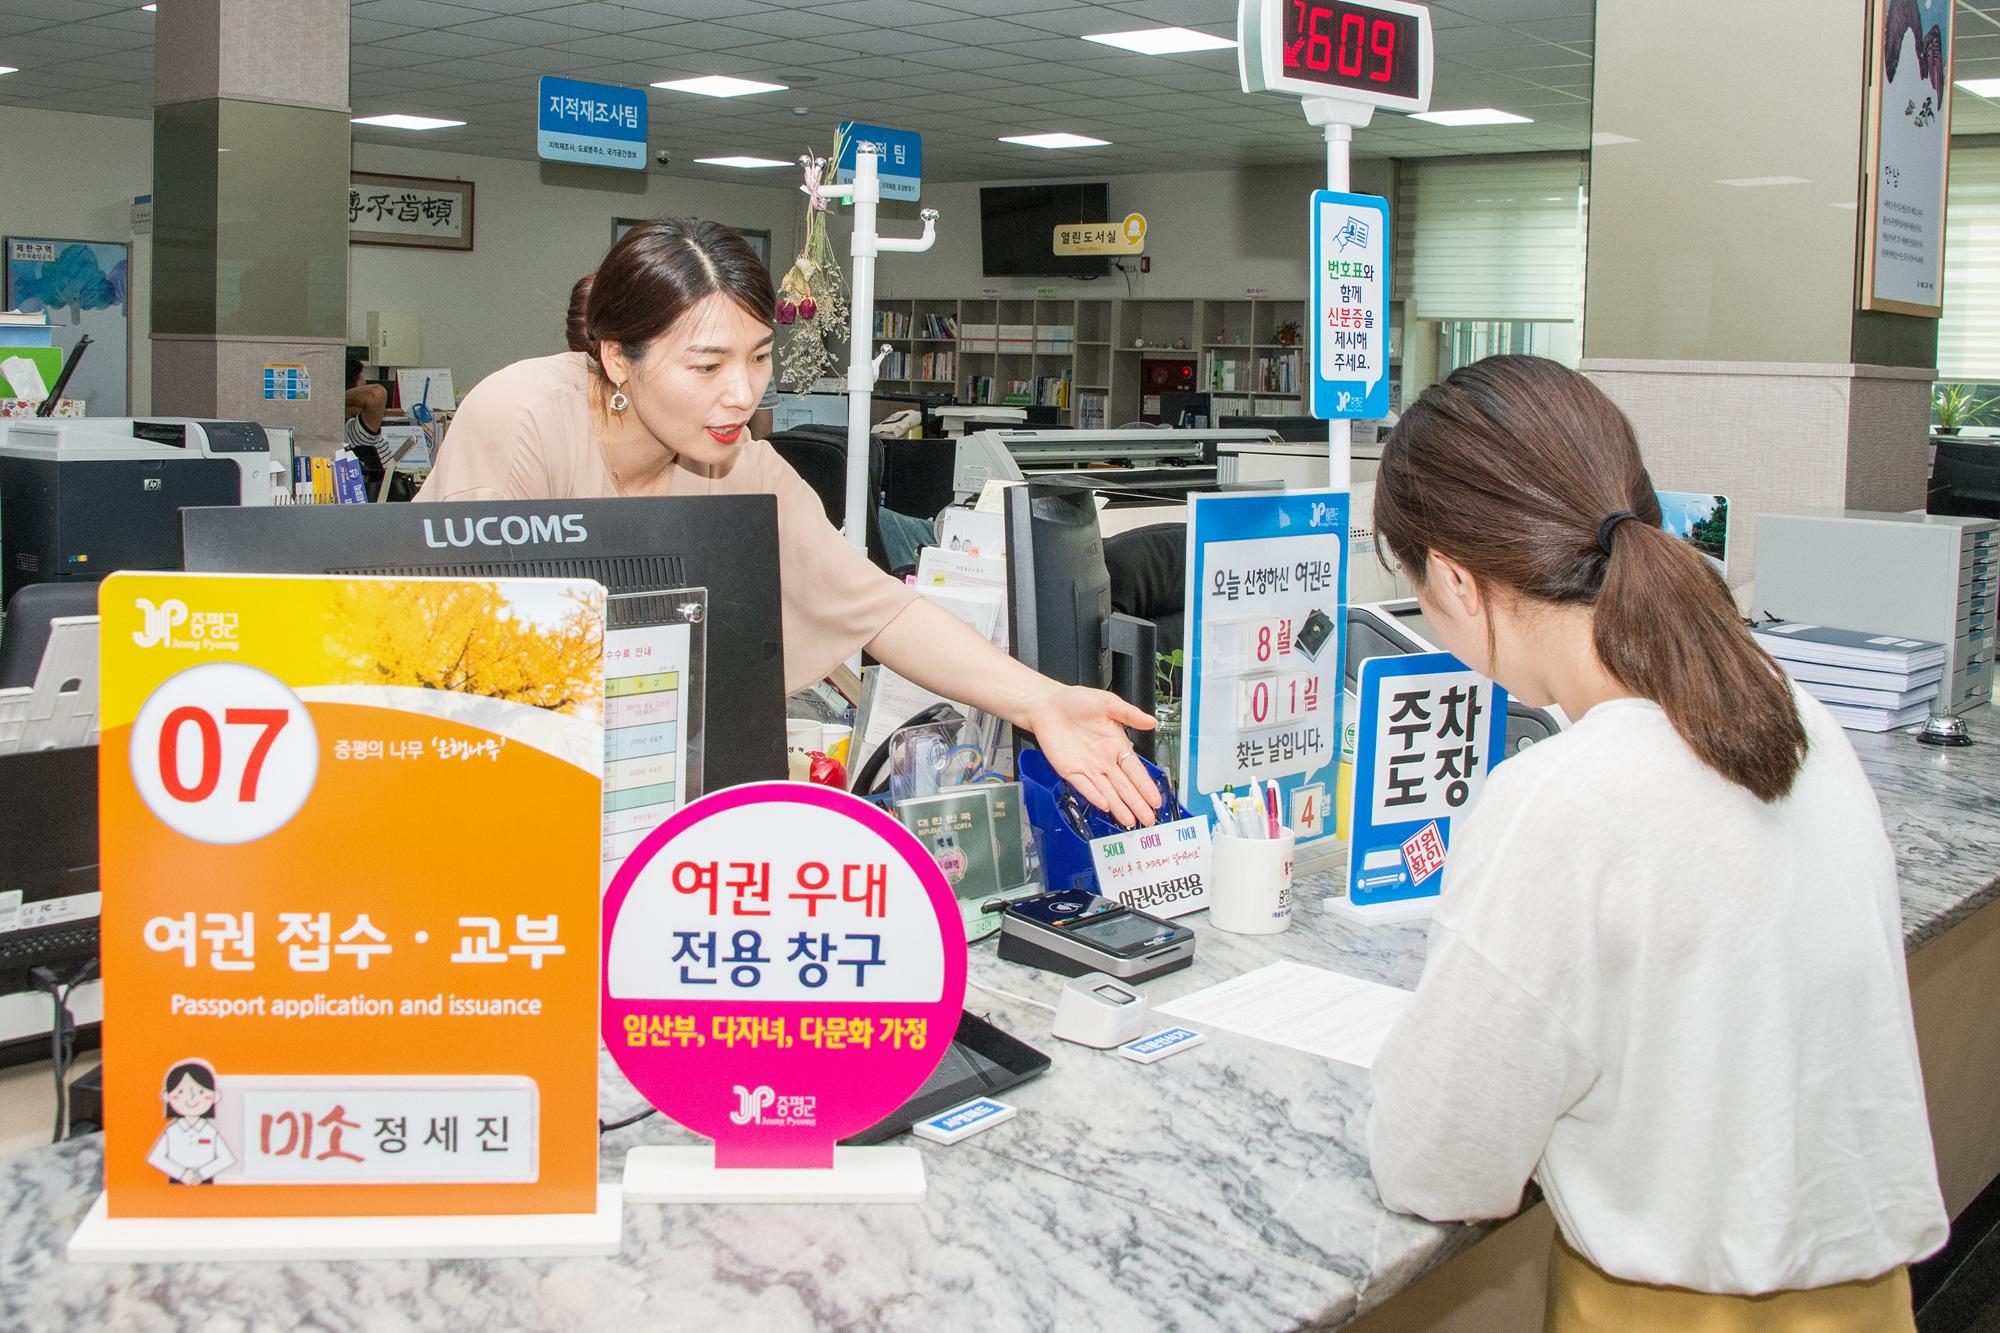 증평군, 사회배려대상자 우선 여권발급 우대 전용창구'큰 호응' [이미지]